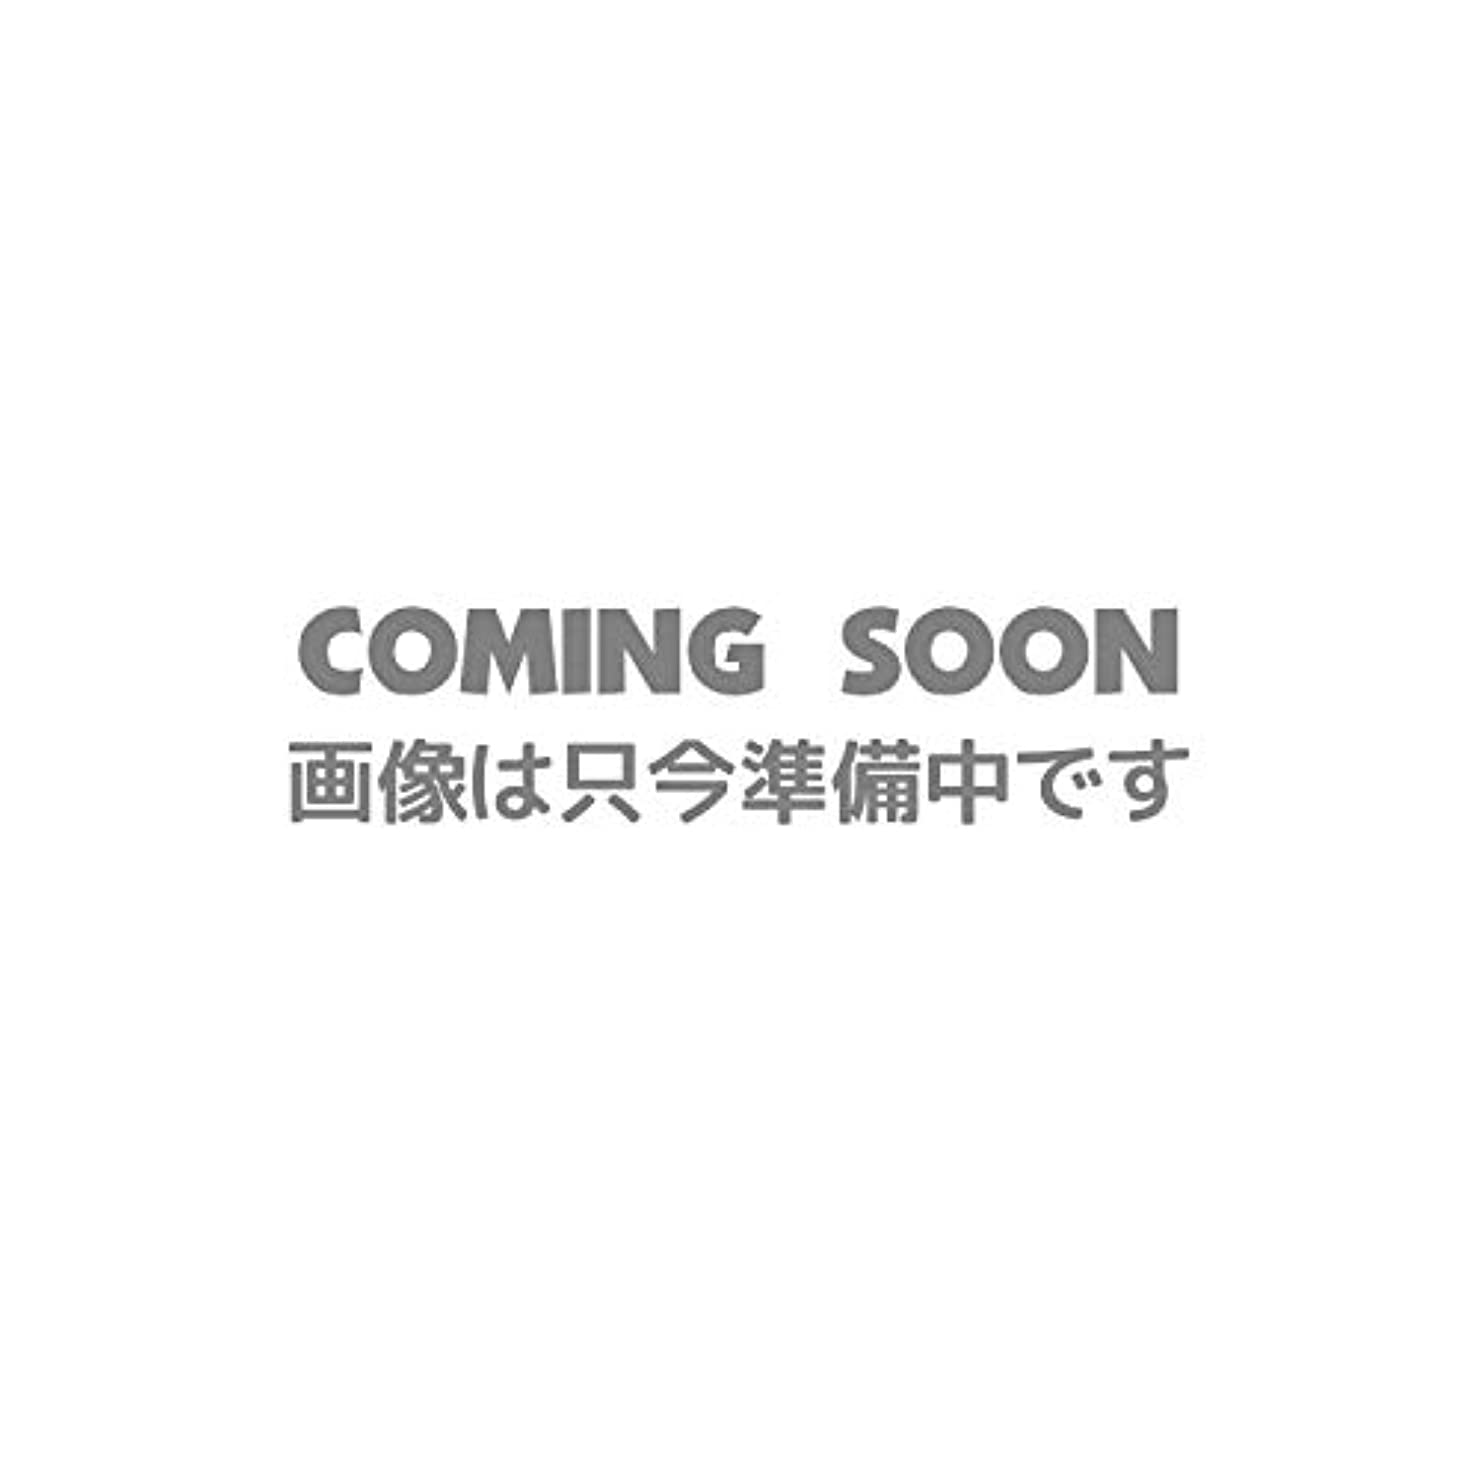 未亡人せがむウォルターカニンガムSHO-BI ディズニーチップ&デール コーム [192803]